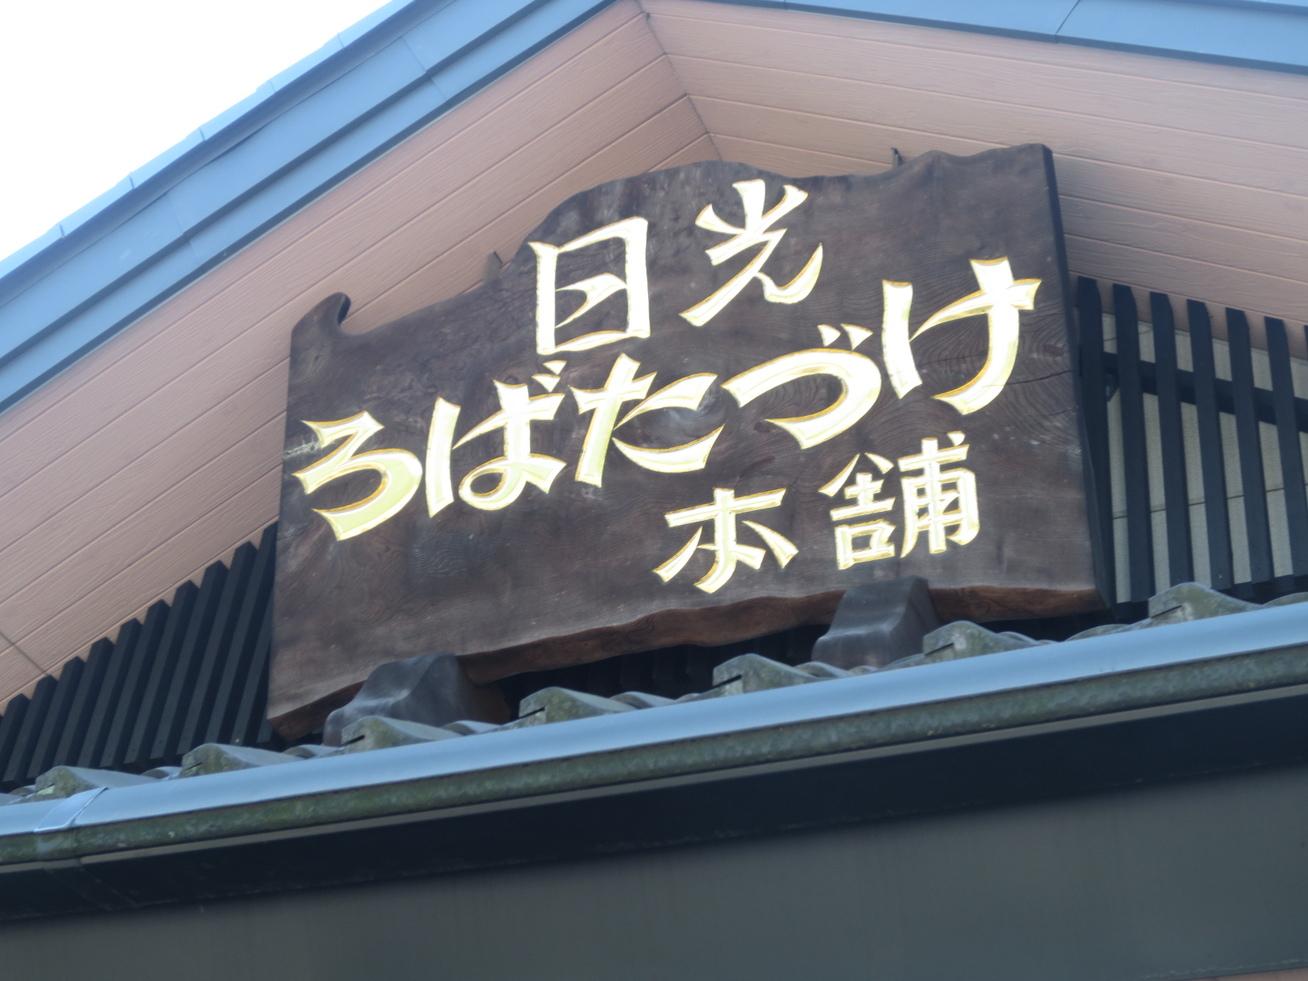 日光ろばたづけ 鬼怒川店 name=